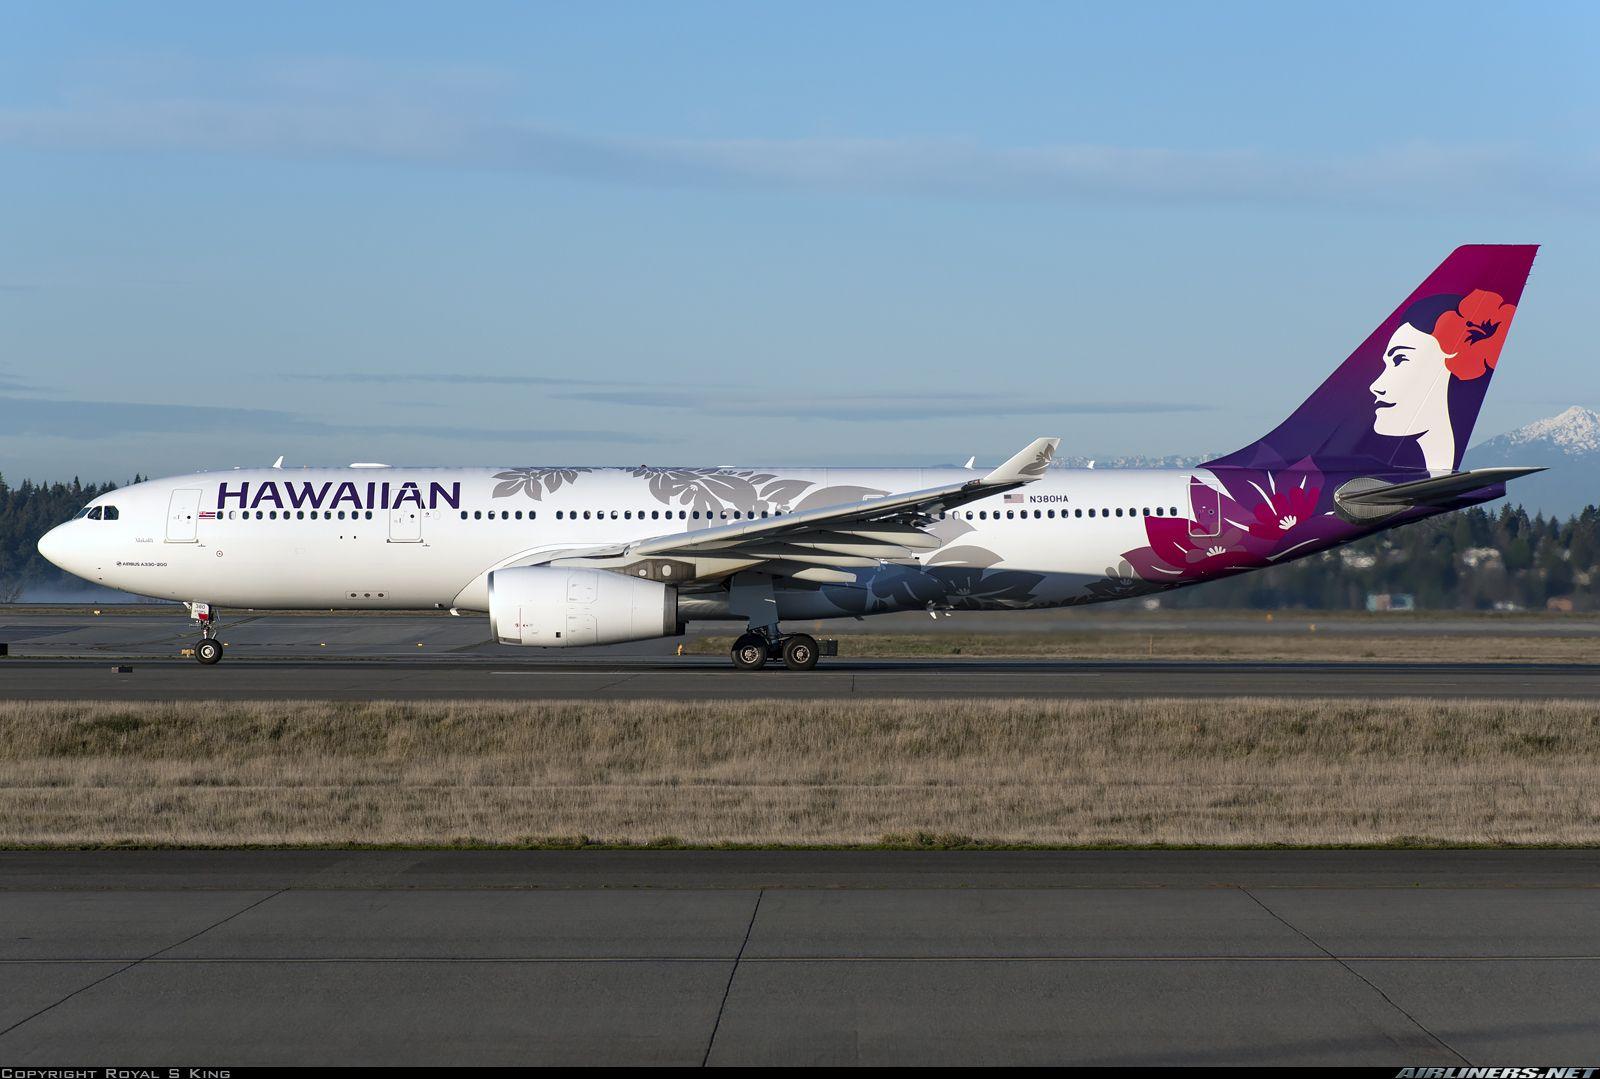 Airbus A330 243 Hawaiian Air Aviation Photo 5359653